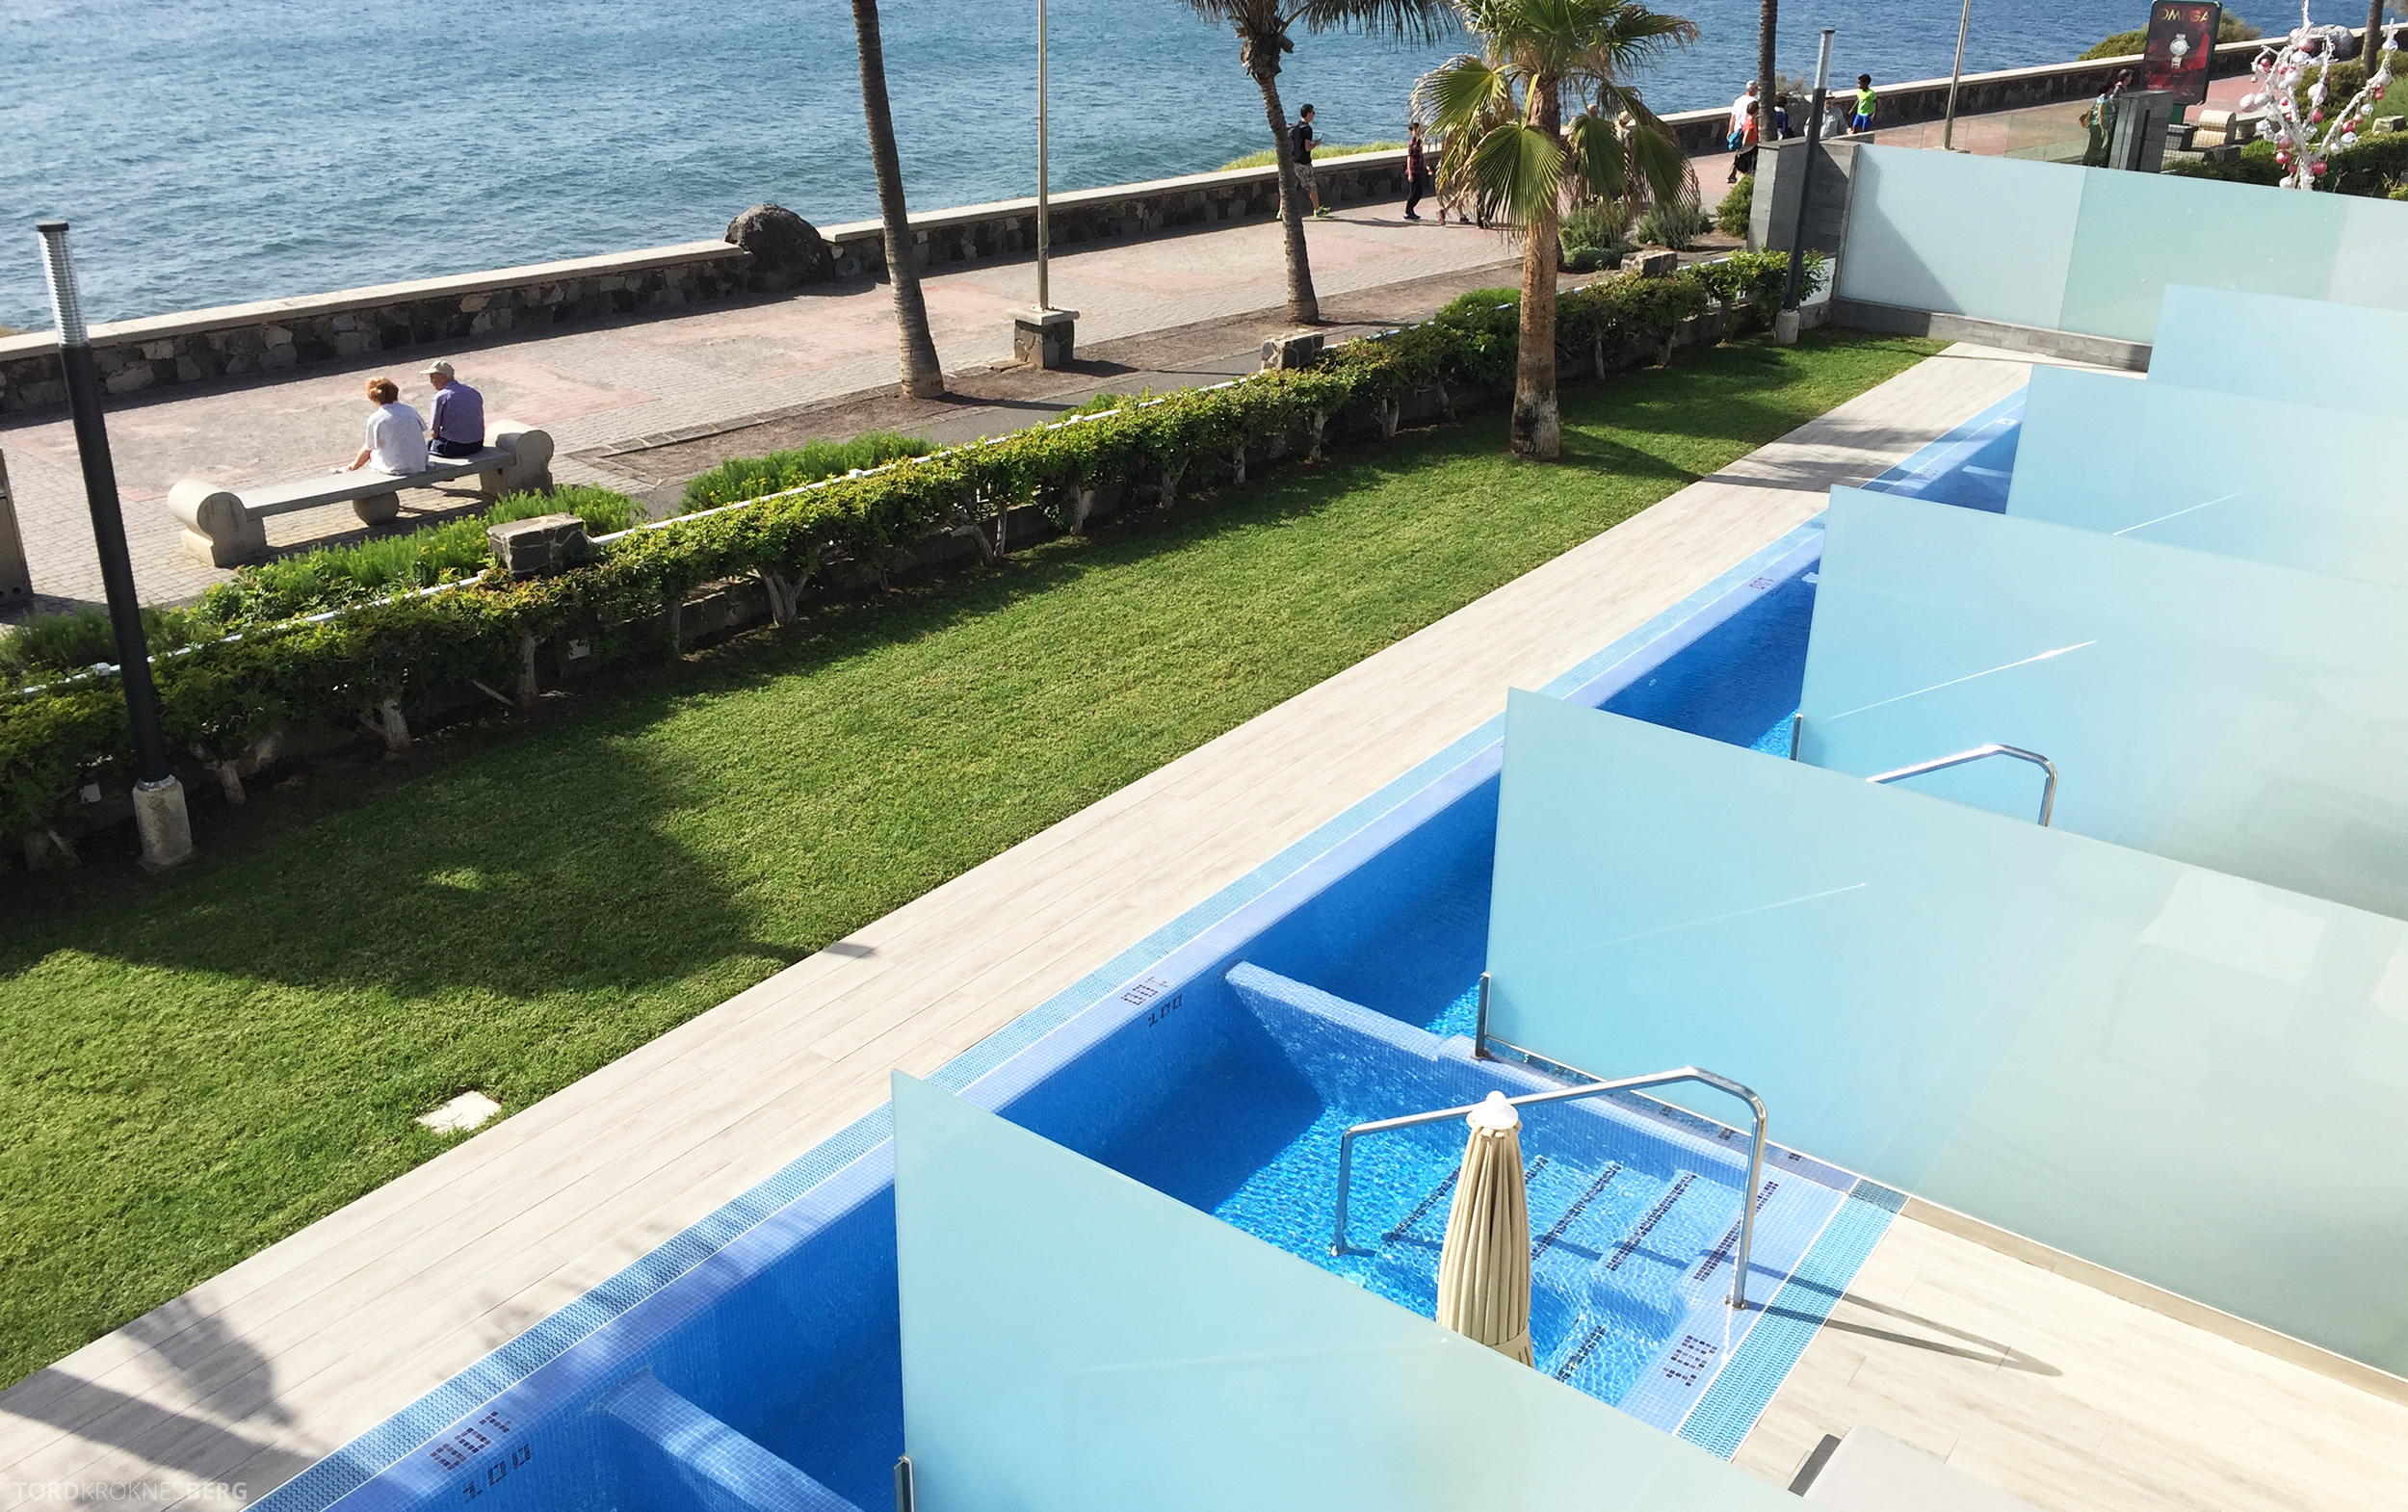 ClubHotel RIU Gran Canaria utsikt suiter